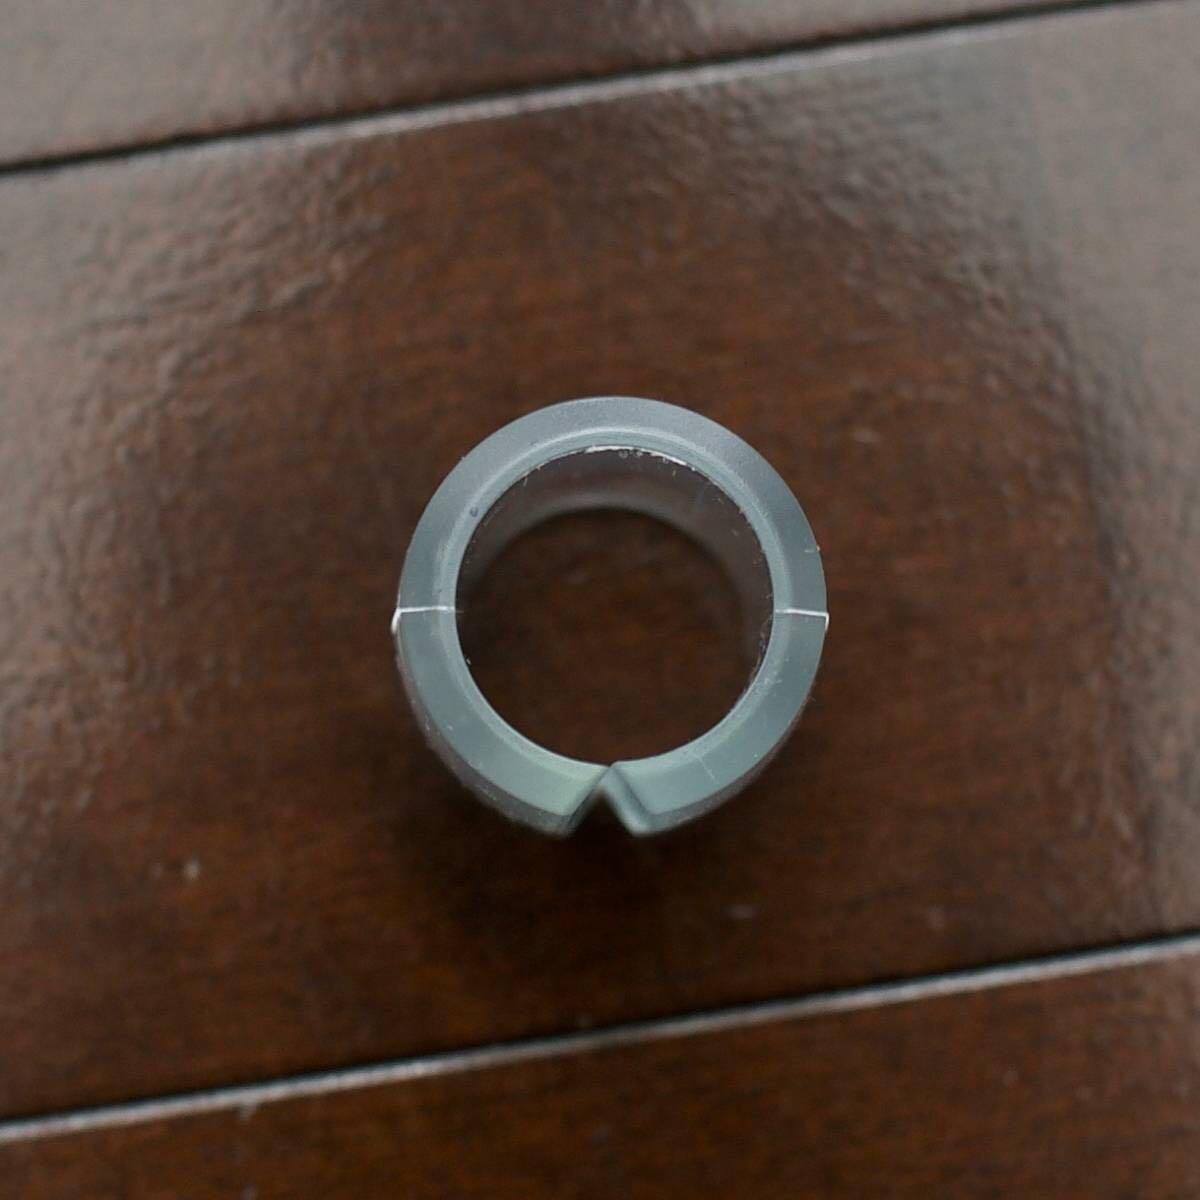 【新品】フレームプロテクター 透明 クロモリ トップチューブ ダウンチューブ 25.4mm 28.6mm 31.8mm用 (検)njsフレーム ピスト_画像3